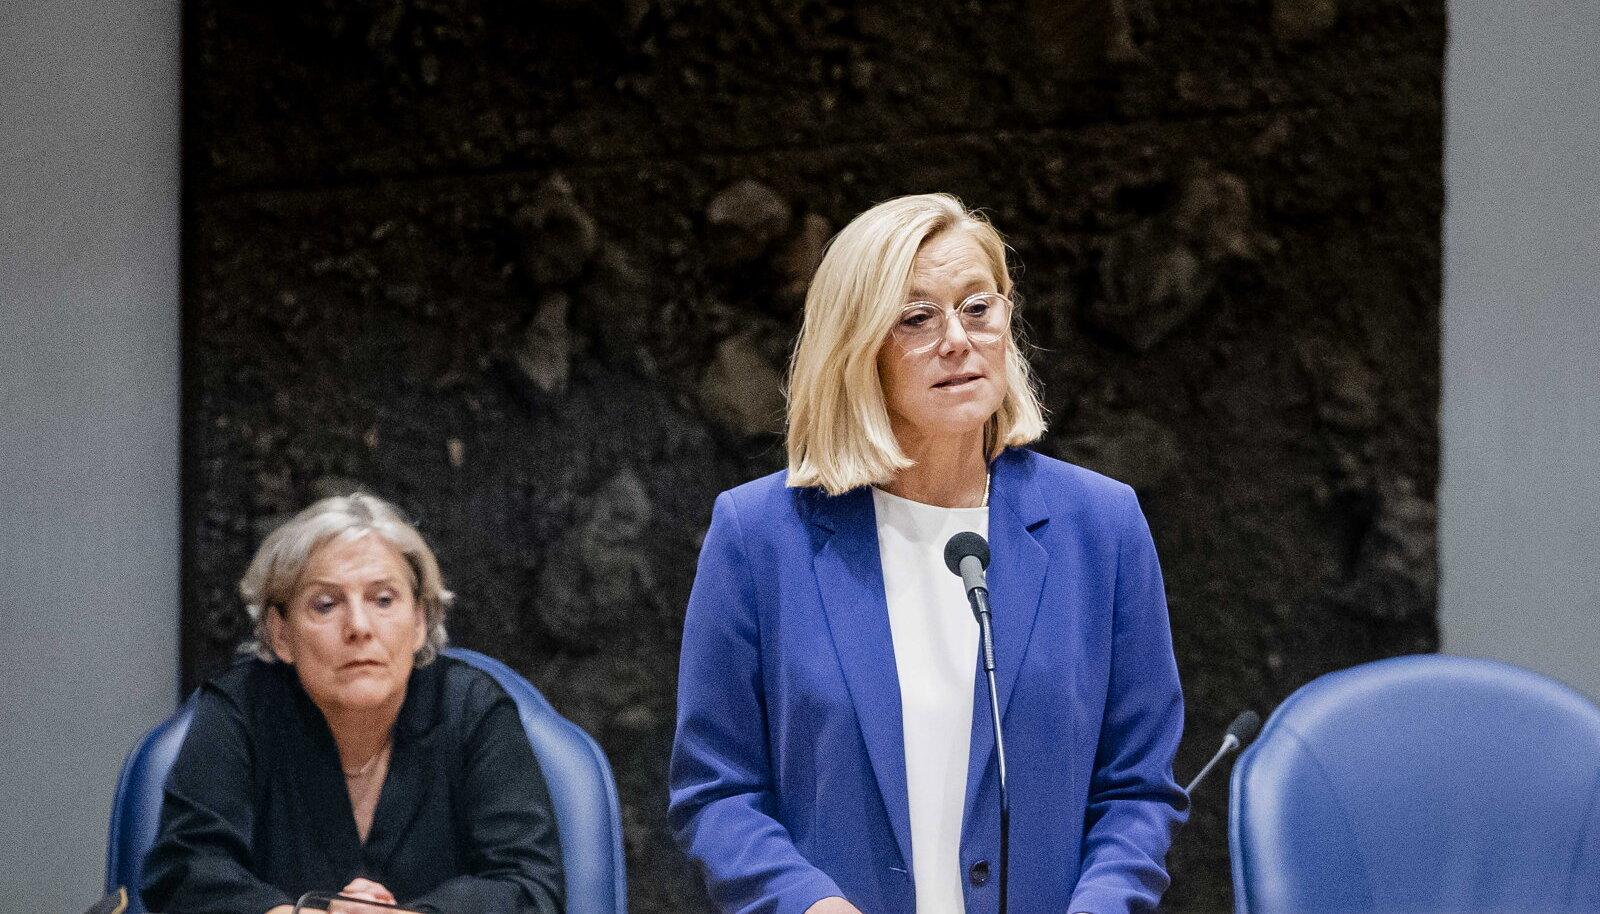 Hollandi väliminister Sigrid Kaag teatas eile parlamendis, et astub tagasi.